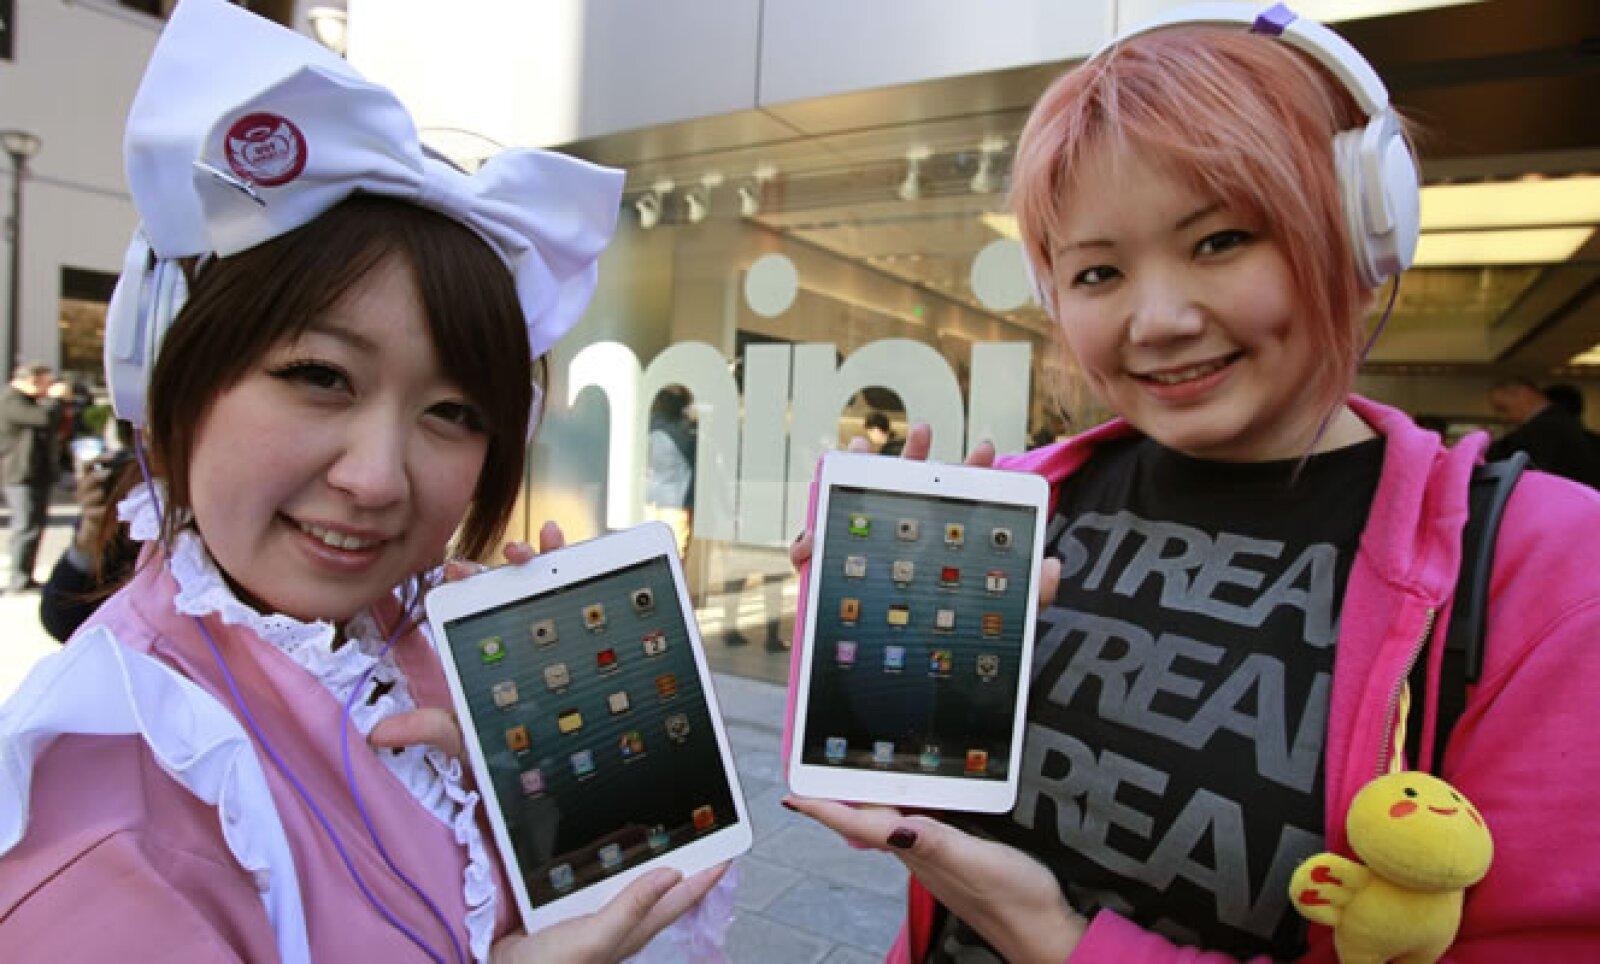 Este viernes comenzó en Japón la venta de la iPad Mini, la nueva tableta de Apple. Fans de la marca en la tienda de Ginza en Tokio.